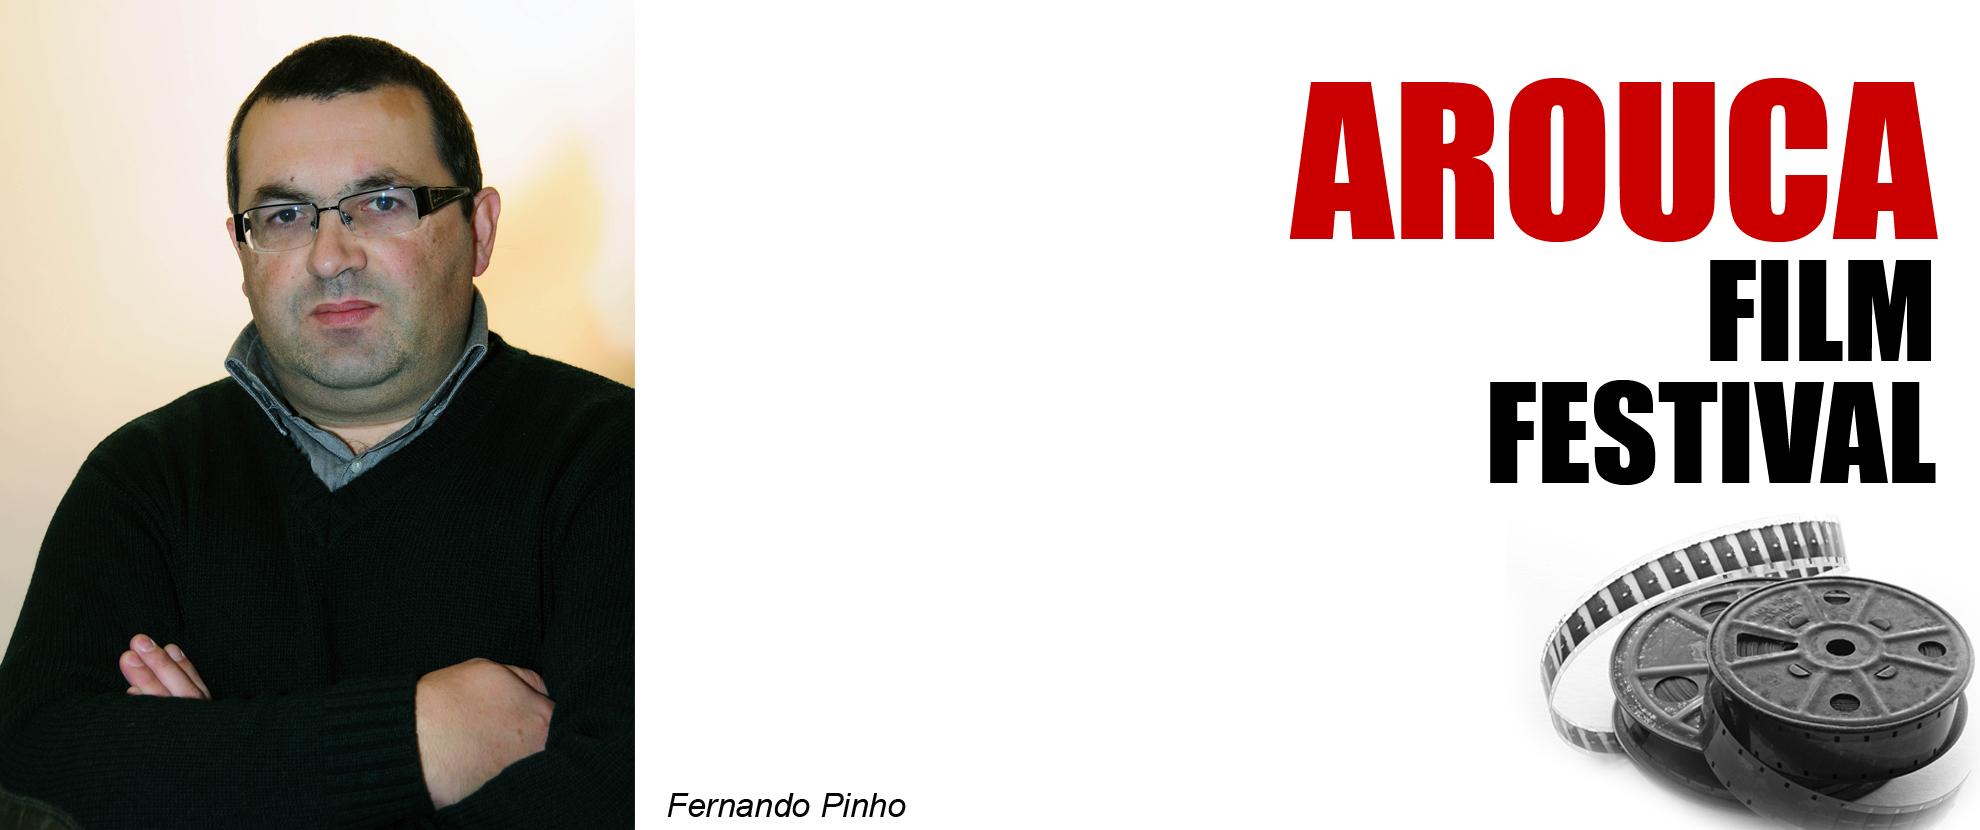 Jornalista que exerce funções de coordenador do EDV informação.  Em termos cinematográficos, tem colaborado esporadicamente em alguns documentários. Colaborador do Diário de Aveiro, da Agência Lusa e do Jornal i.